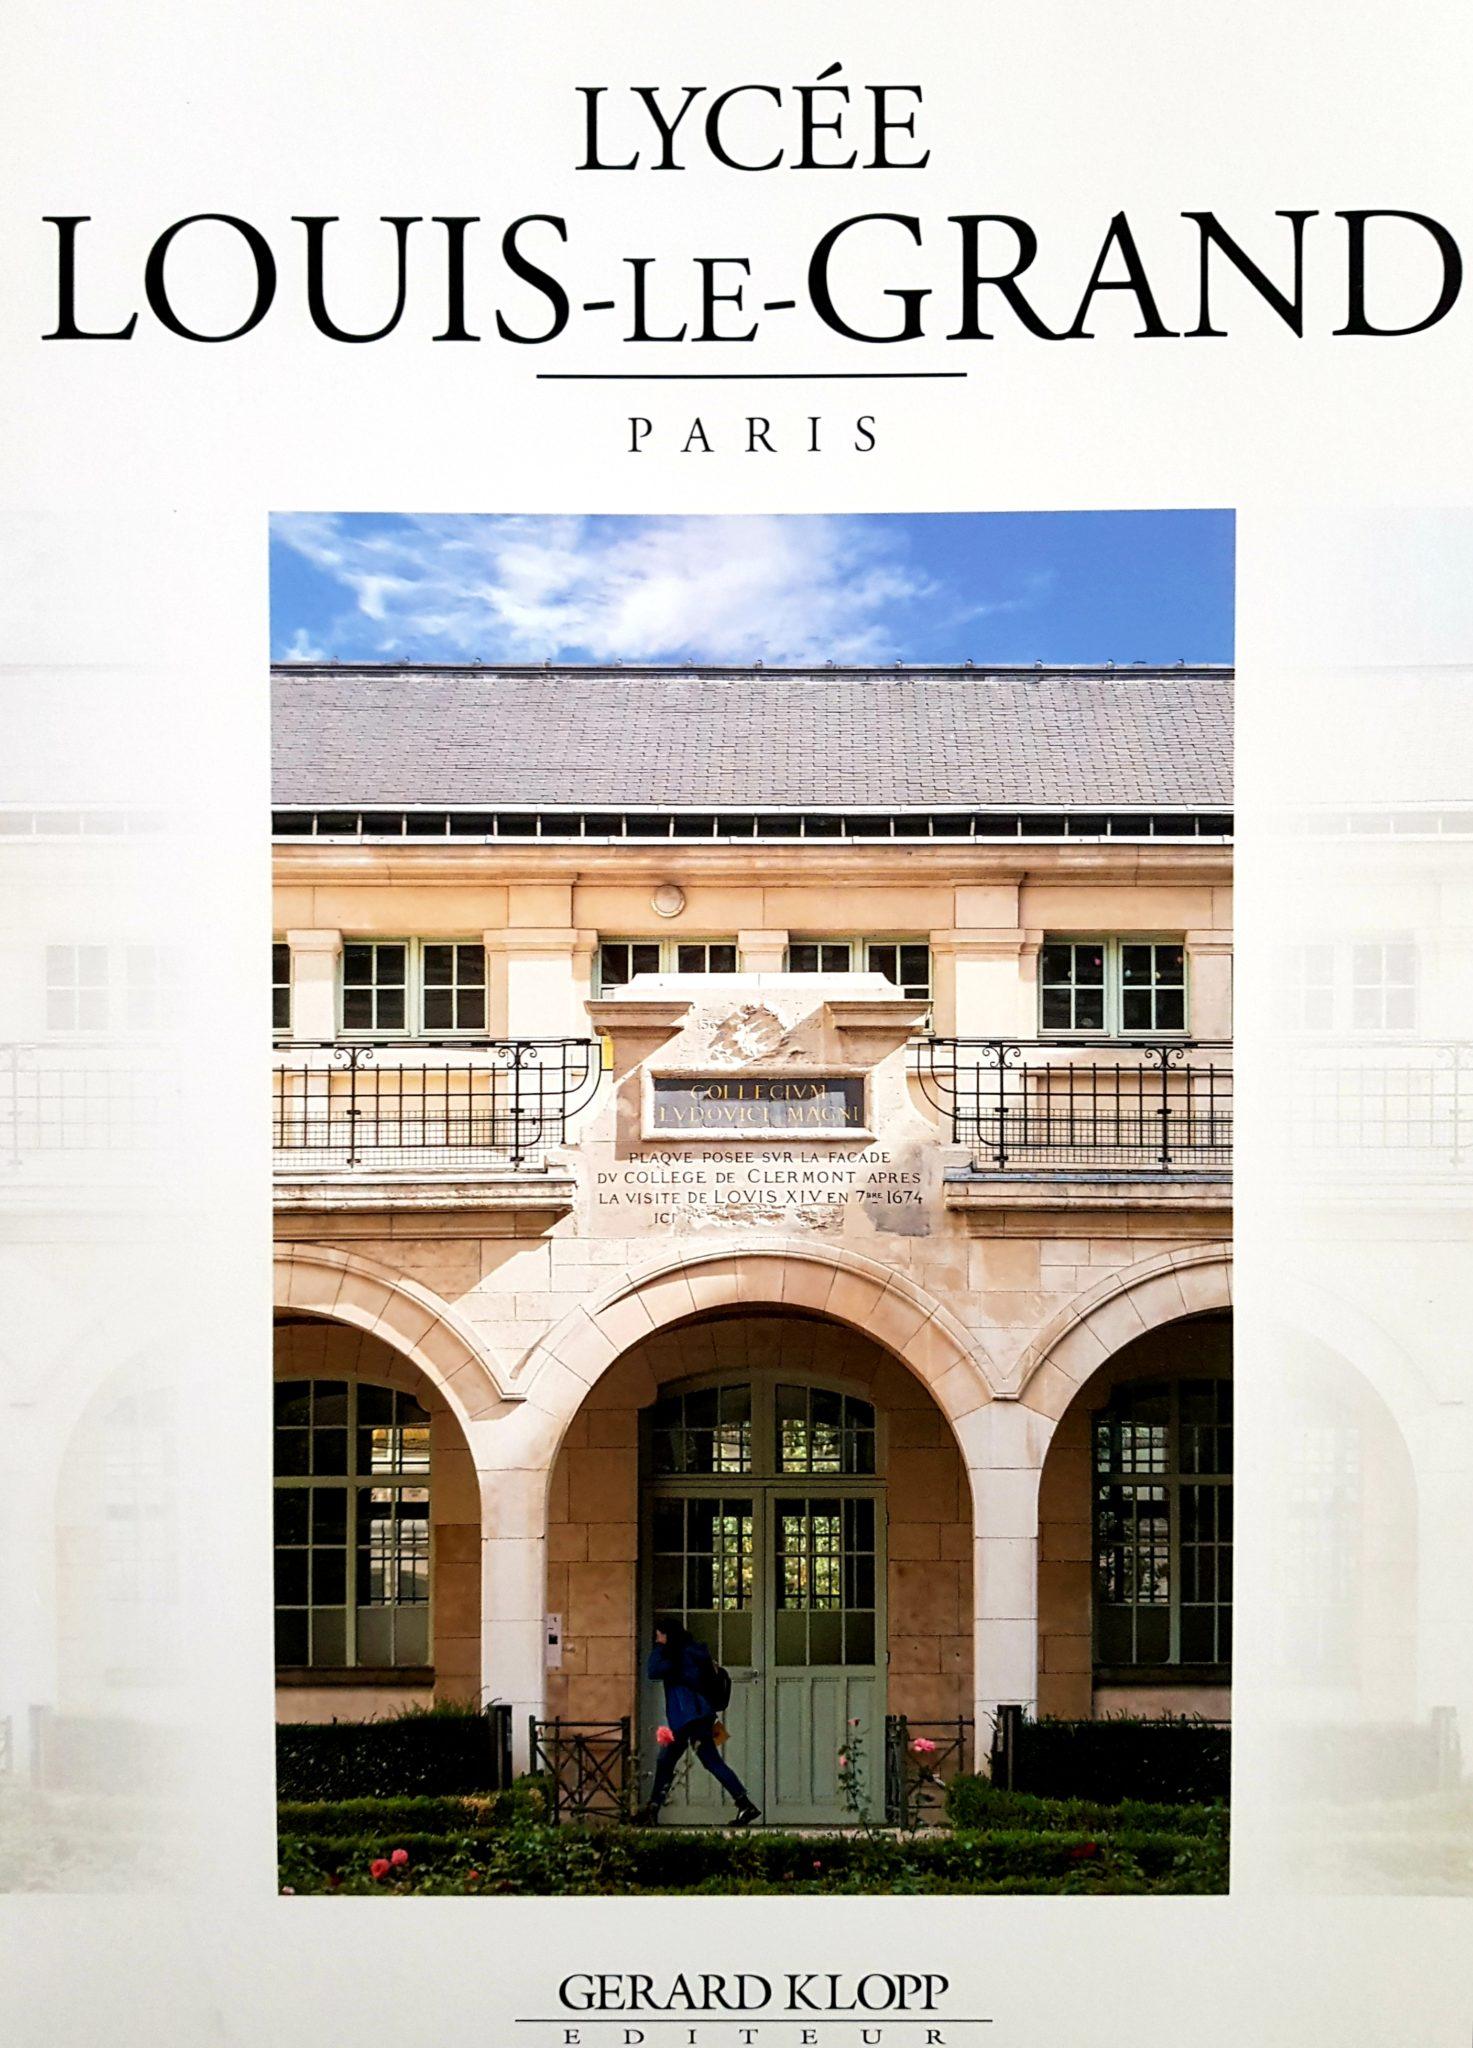 Livre Louis-le-Grand